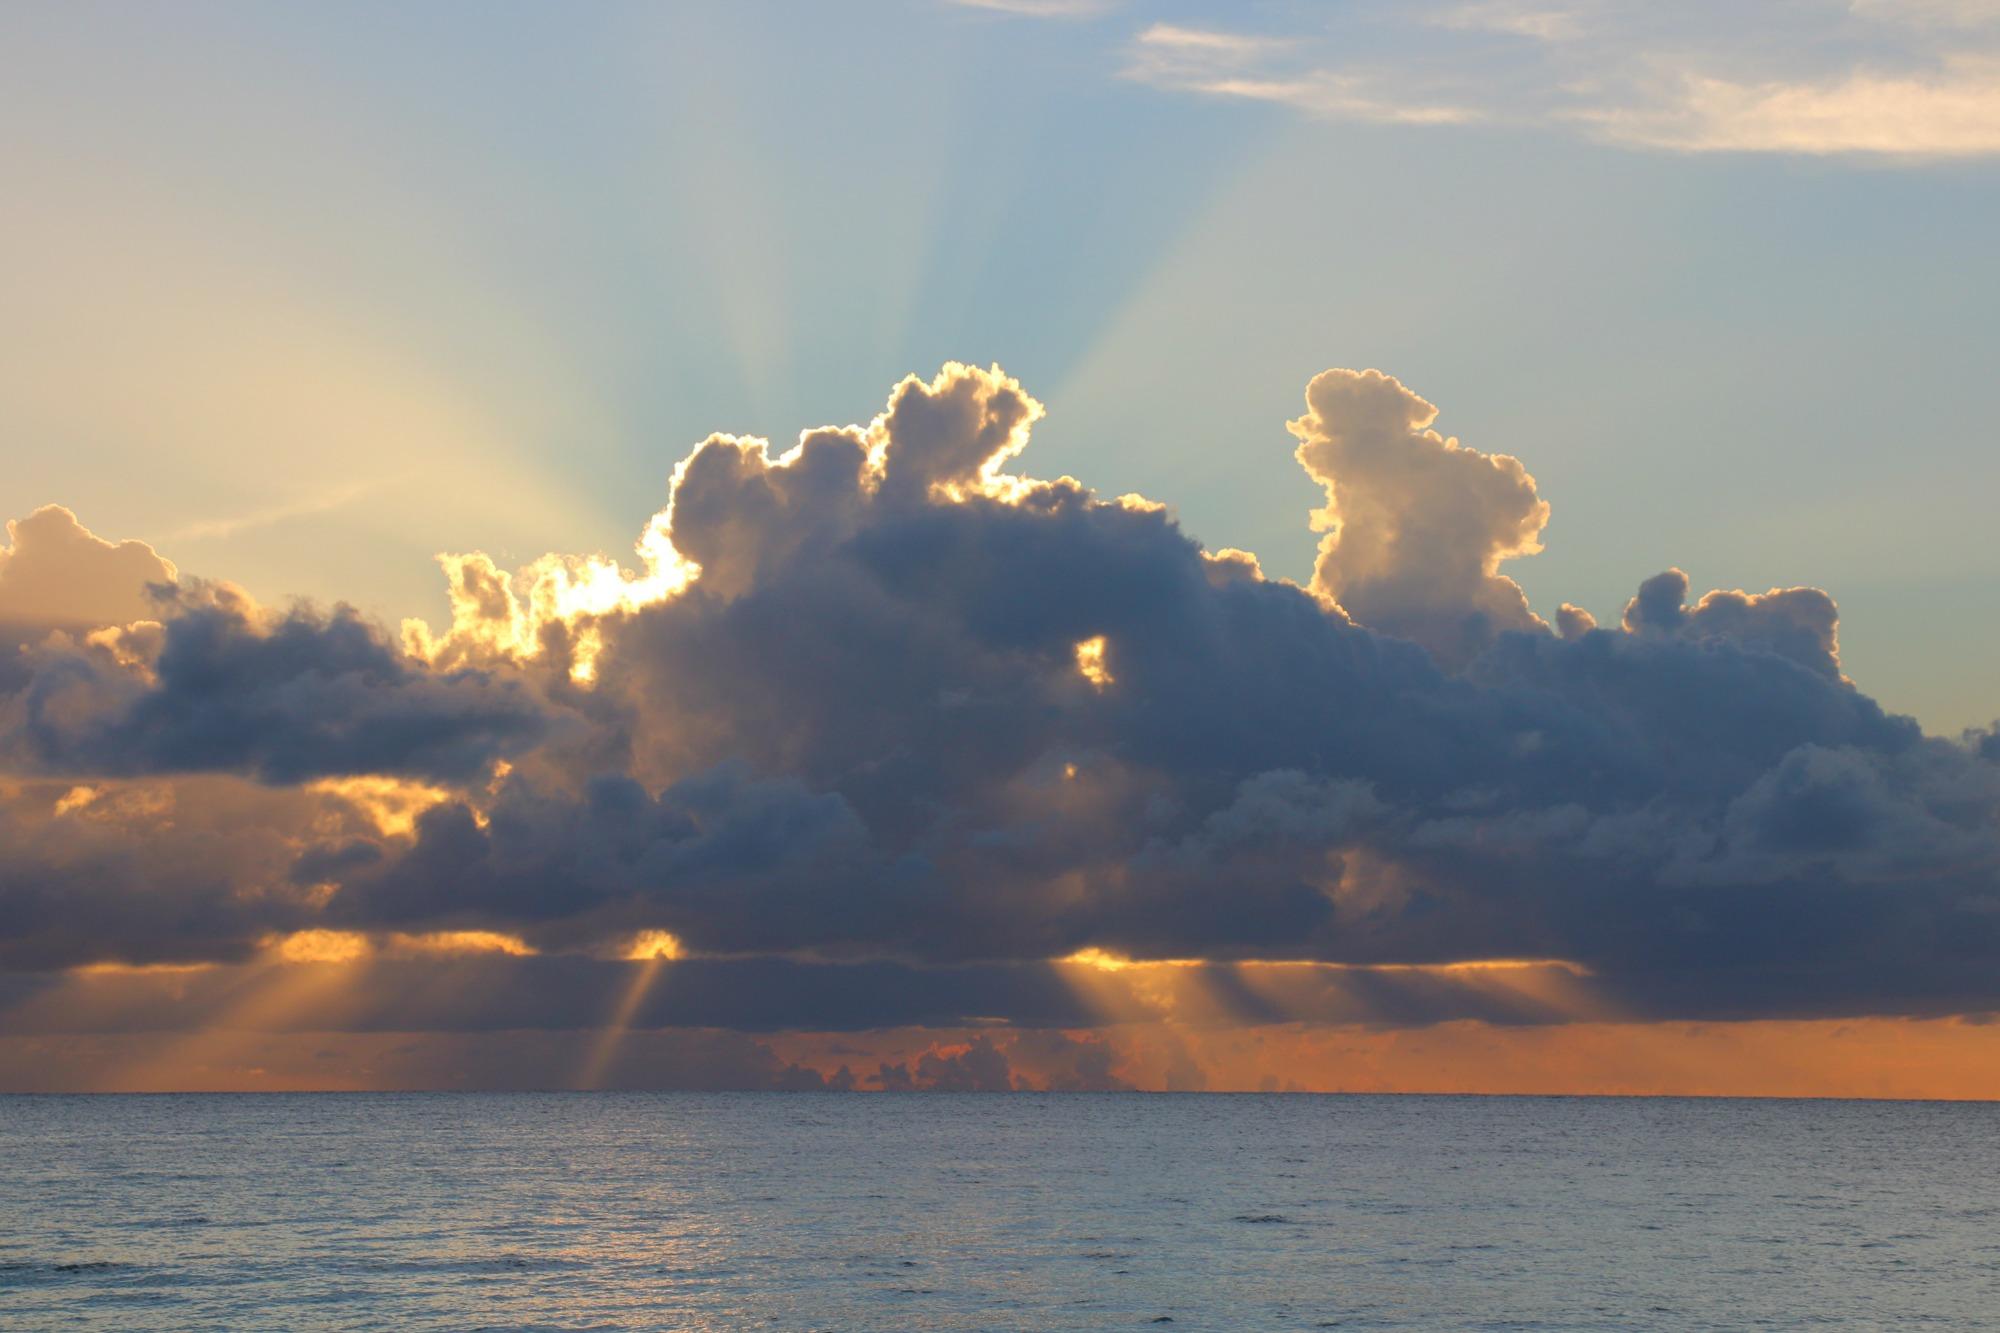 negril-jamaica-sunset